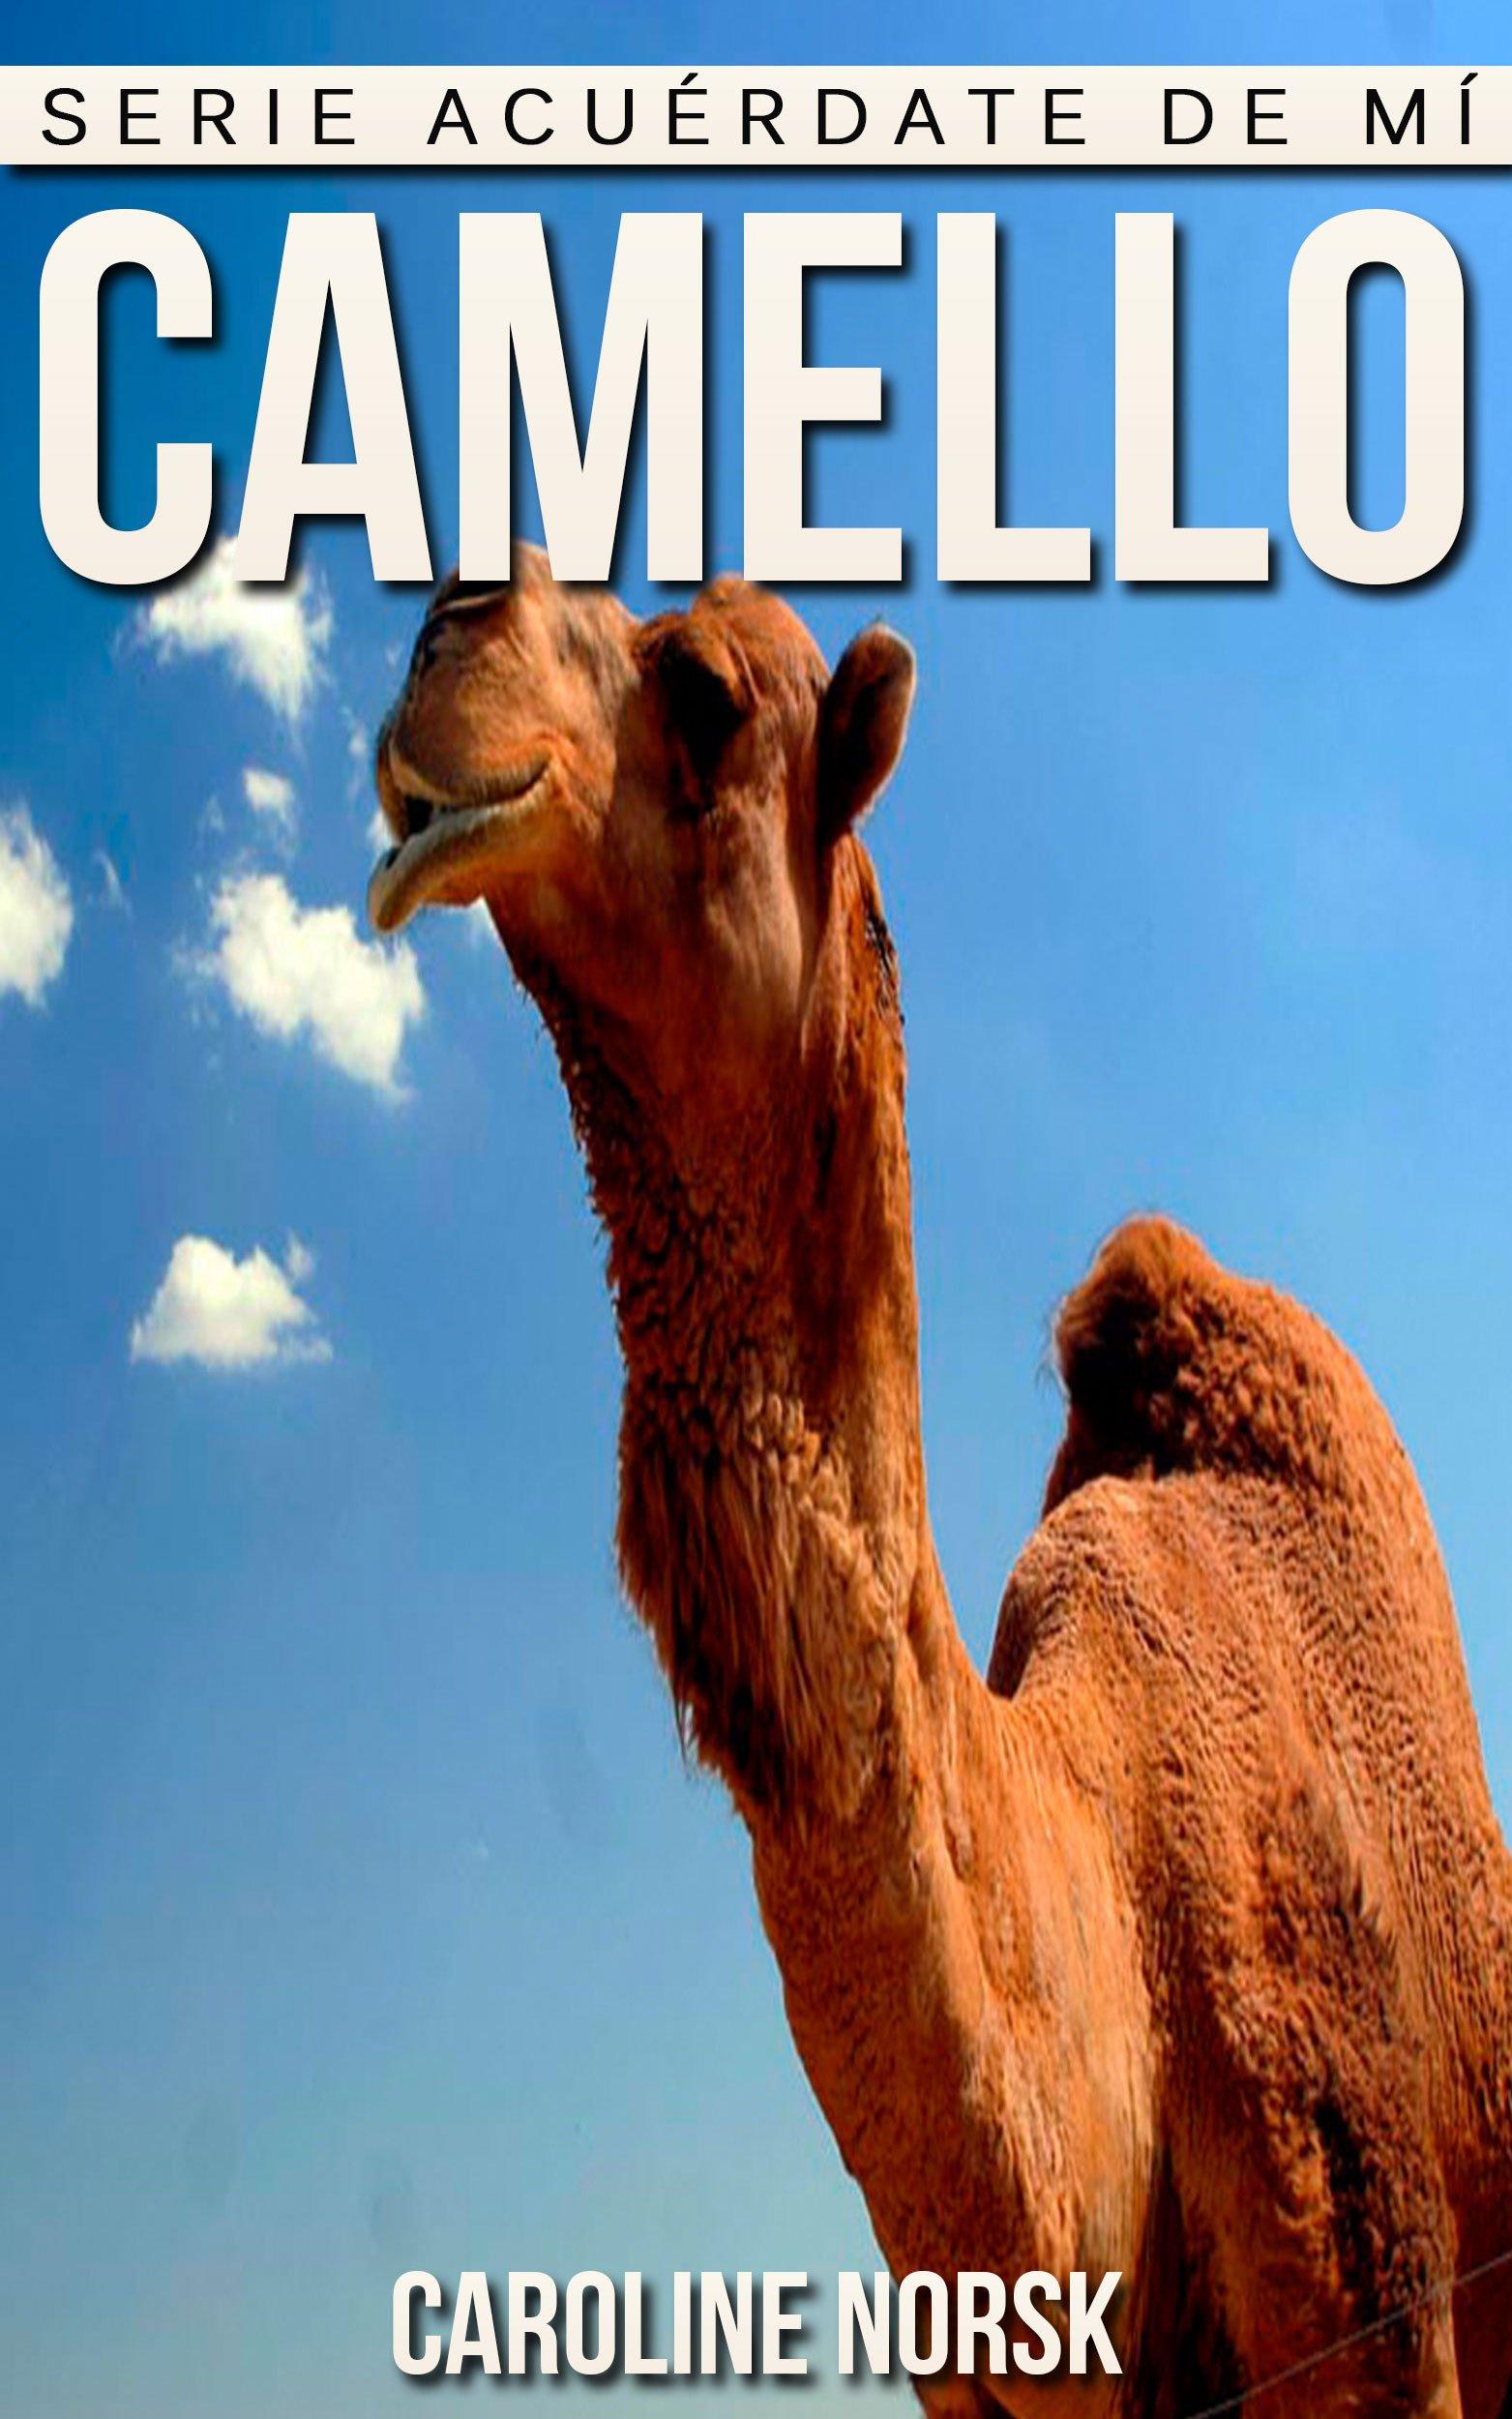 Camello: Libro de imágenes asombrosas y datos curiosos sobre los Camello para niños (Serie Acuérdate de mí)